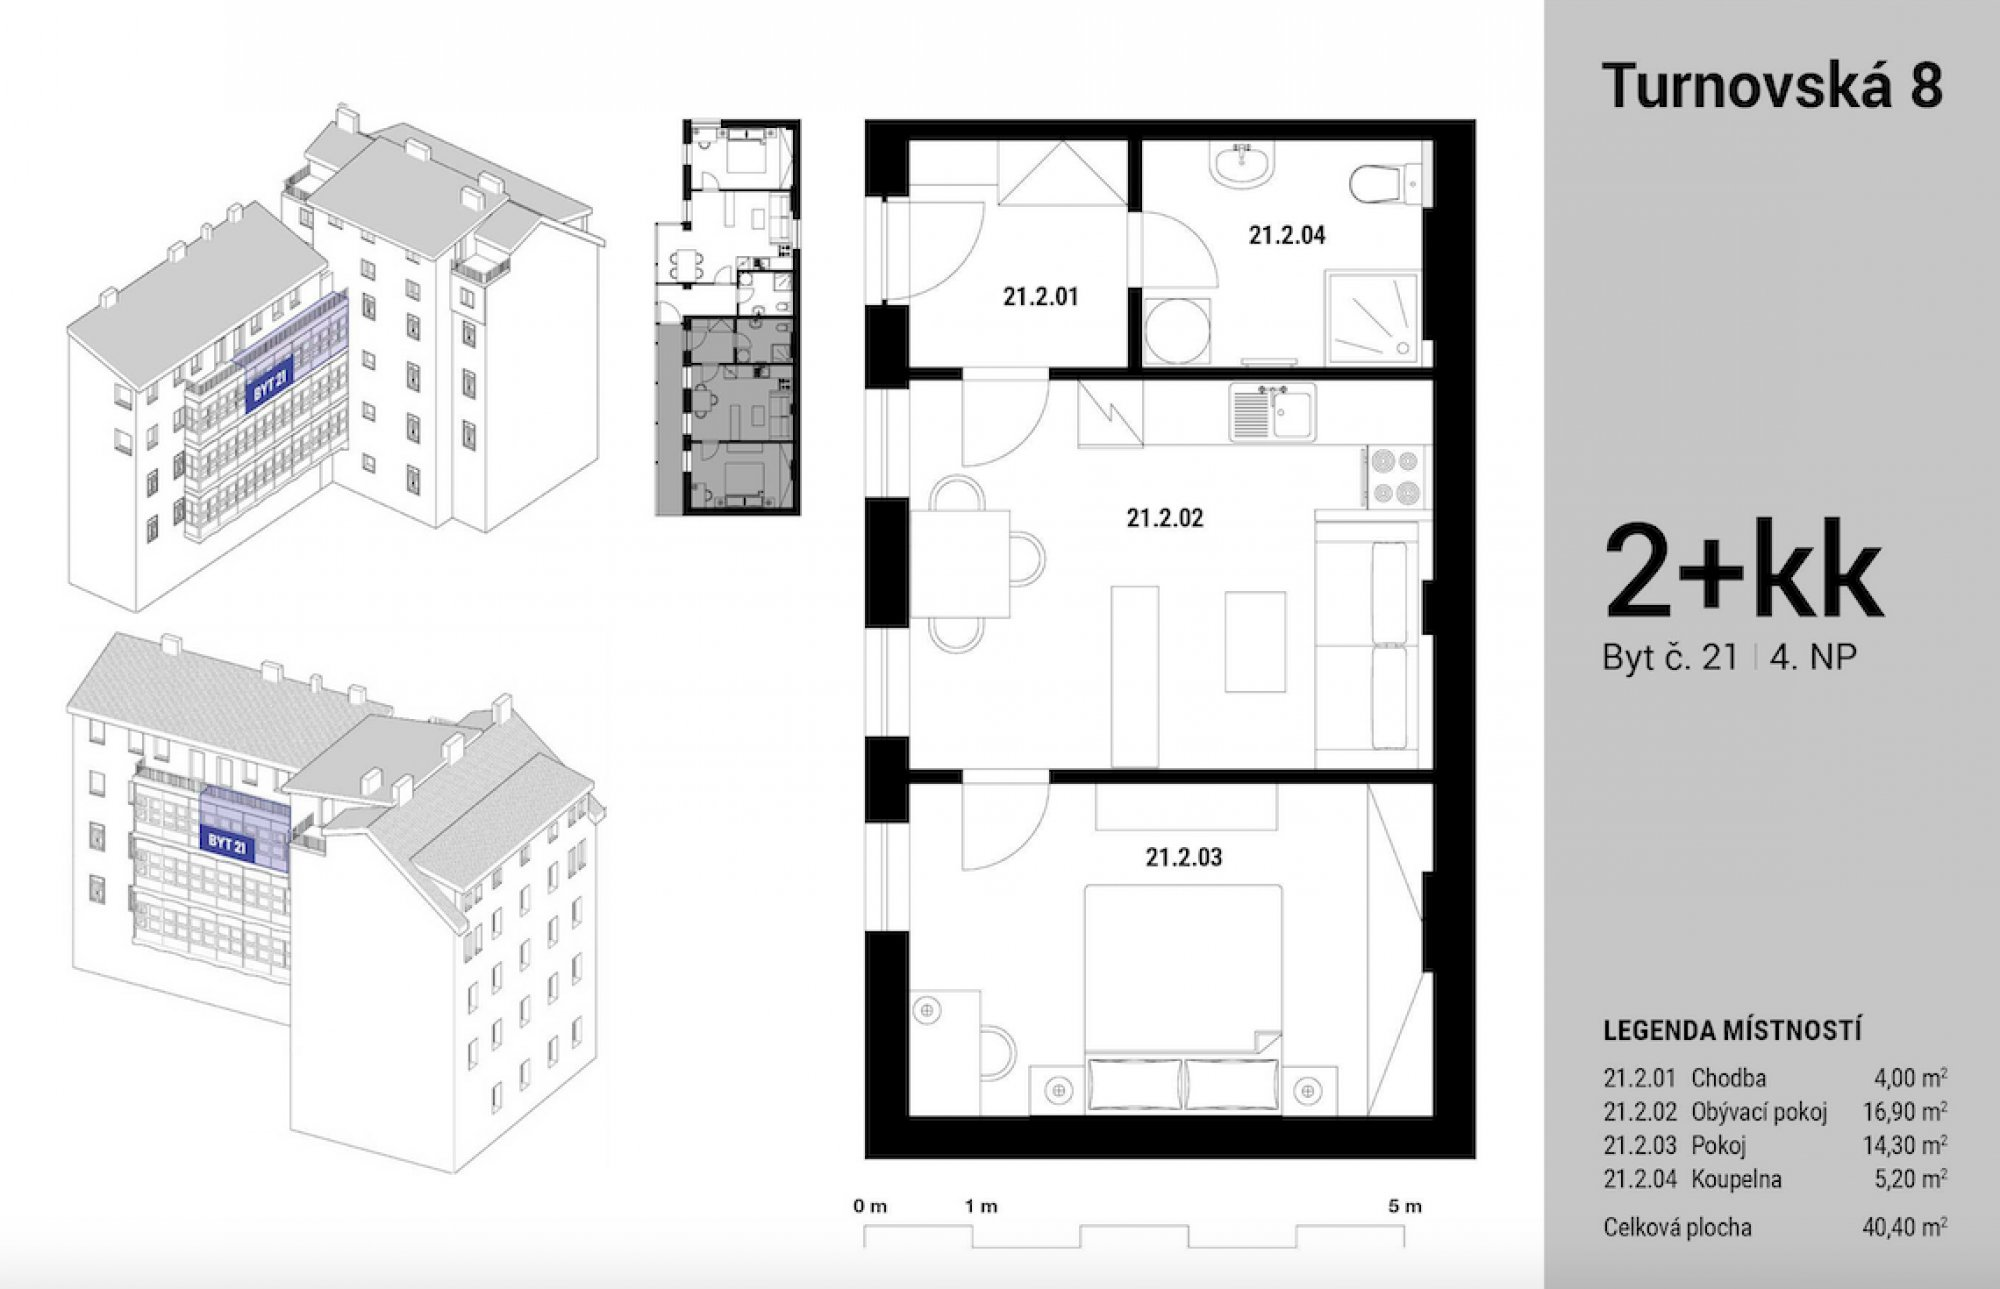 Půdorys - Půdní byt 2+kk, plocha 42 m², ulice Turnovská, Praha 8 - Libeň